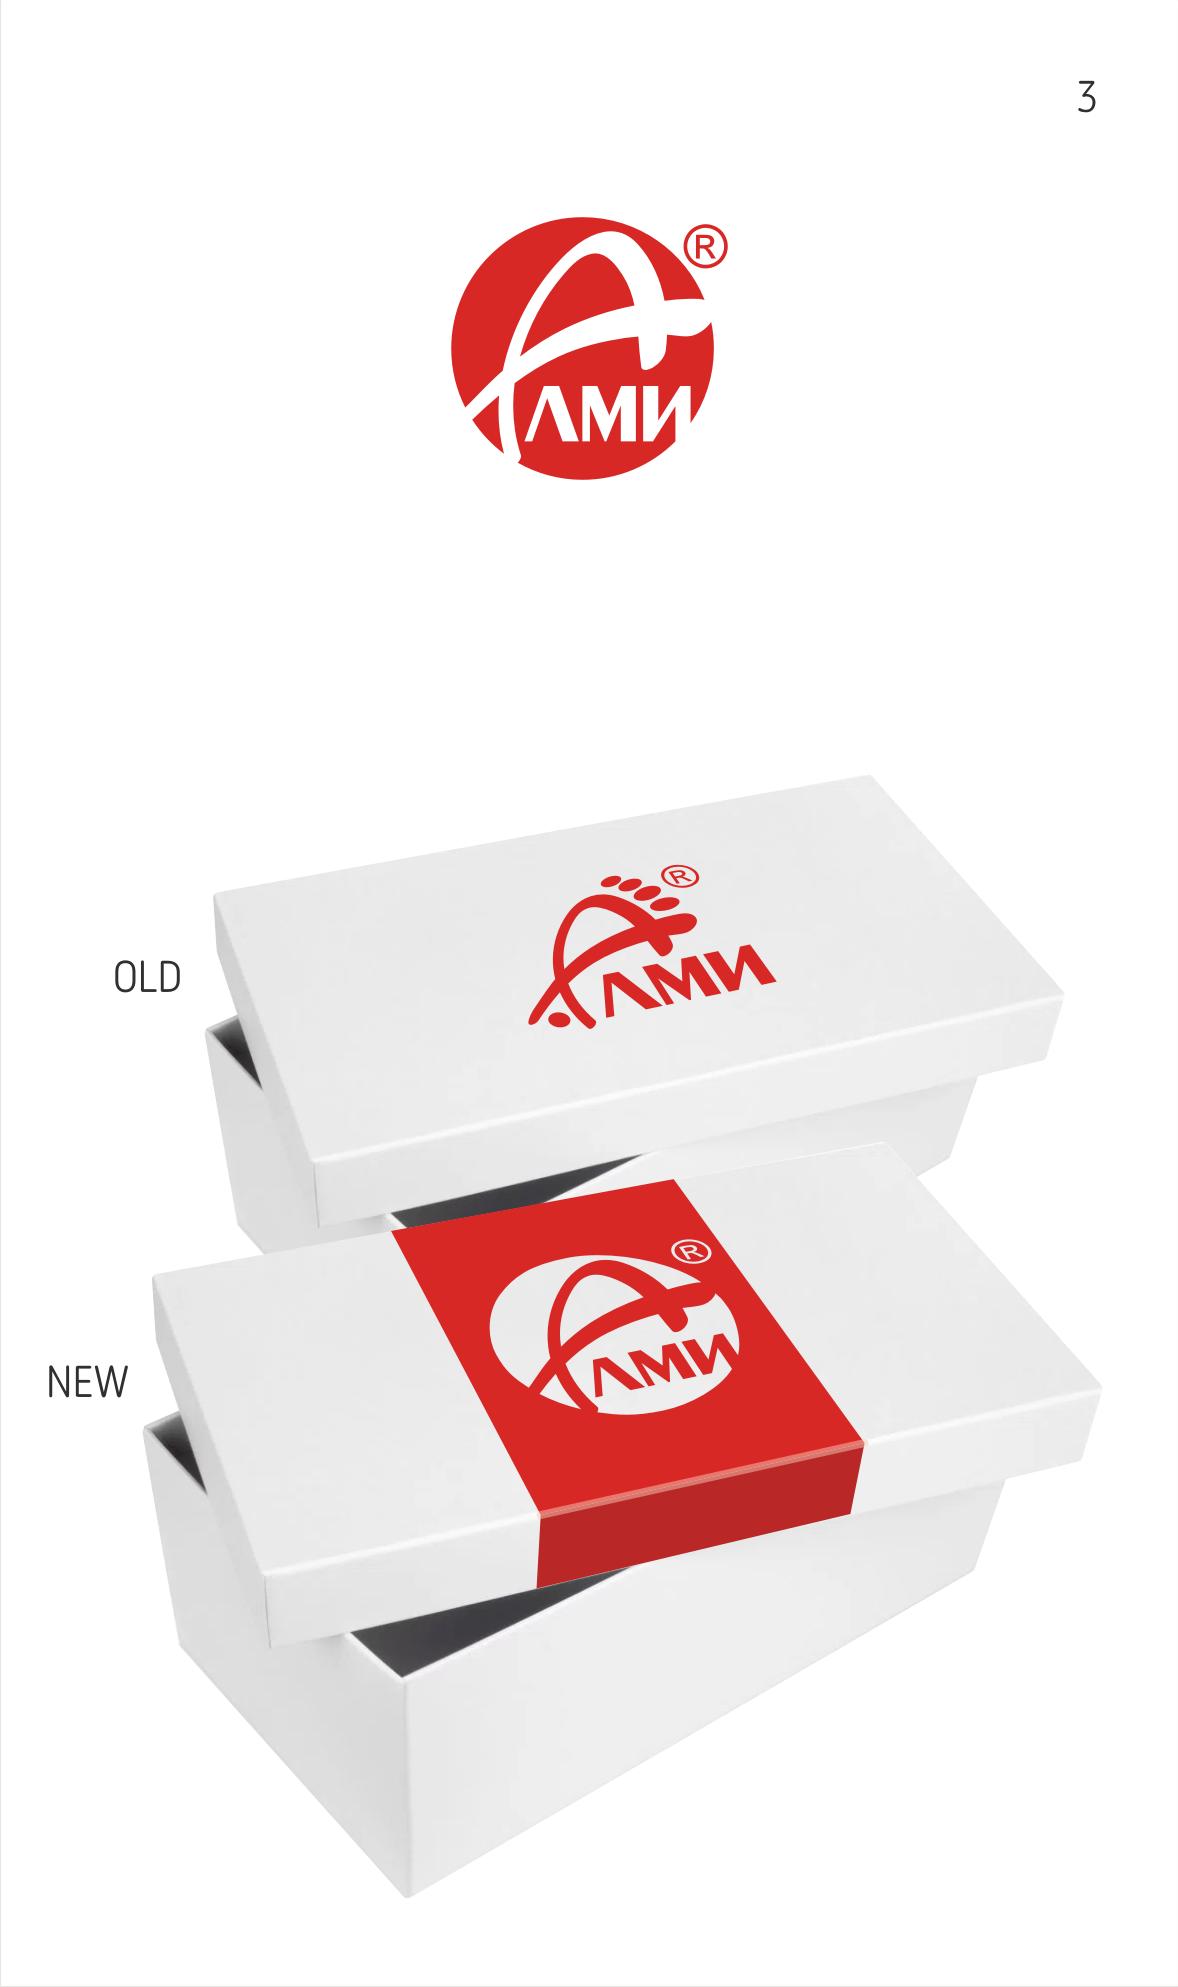 Дизайн логотипа обувной марки Алми фото f_54759f441231d733.png